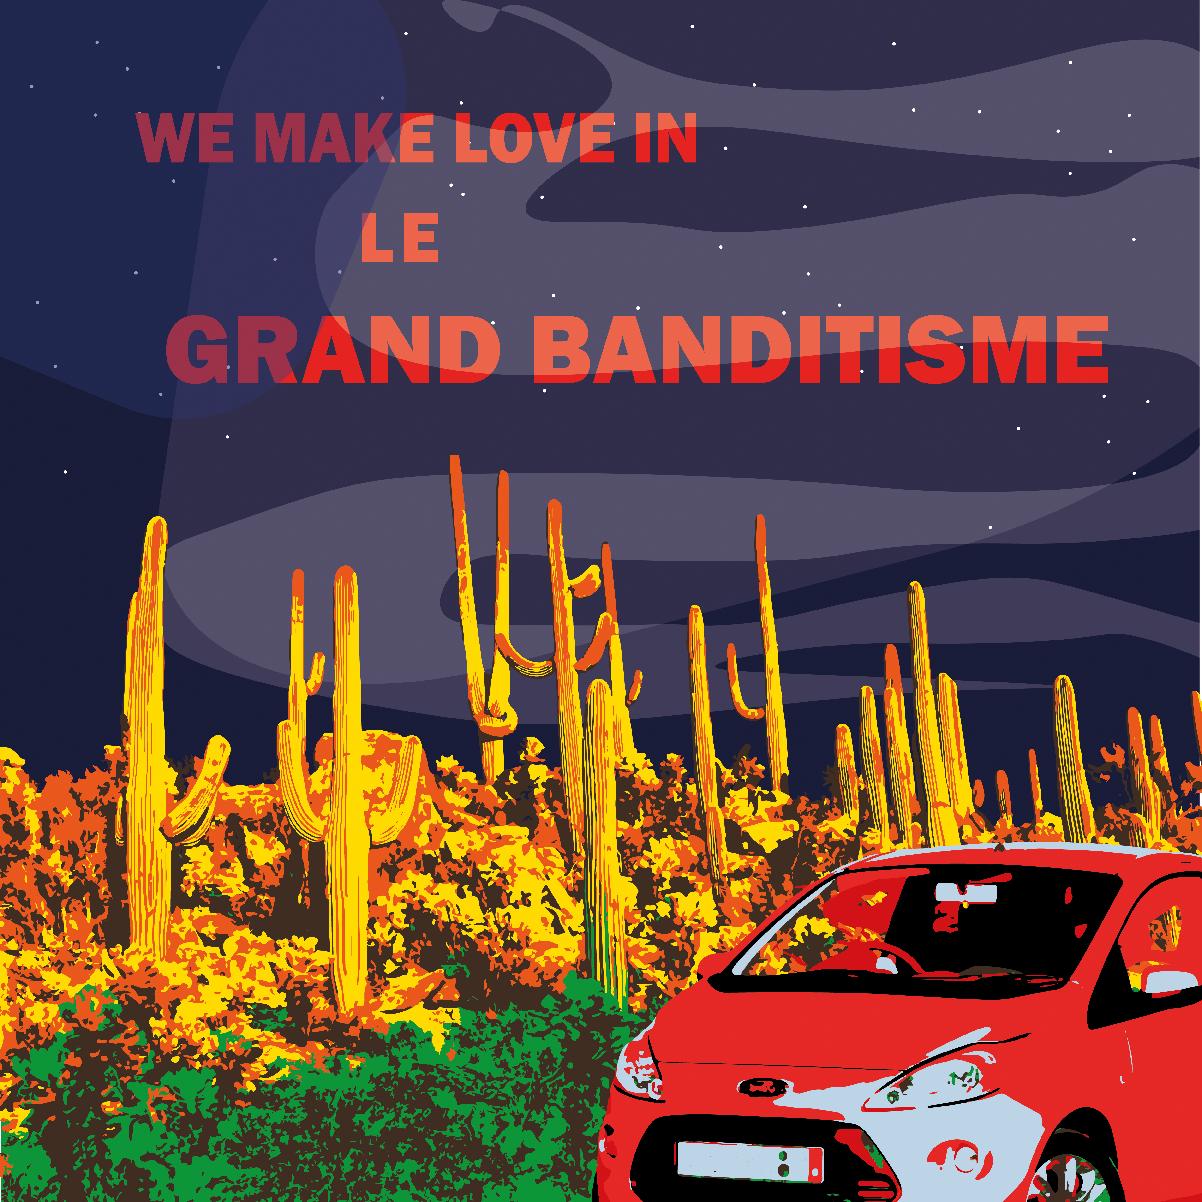 Grand Banditisme Carte postale 2018